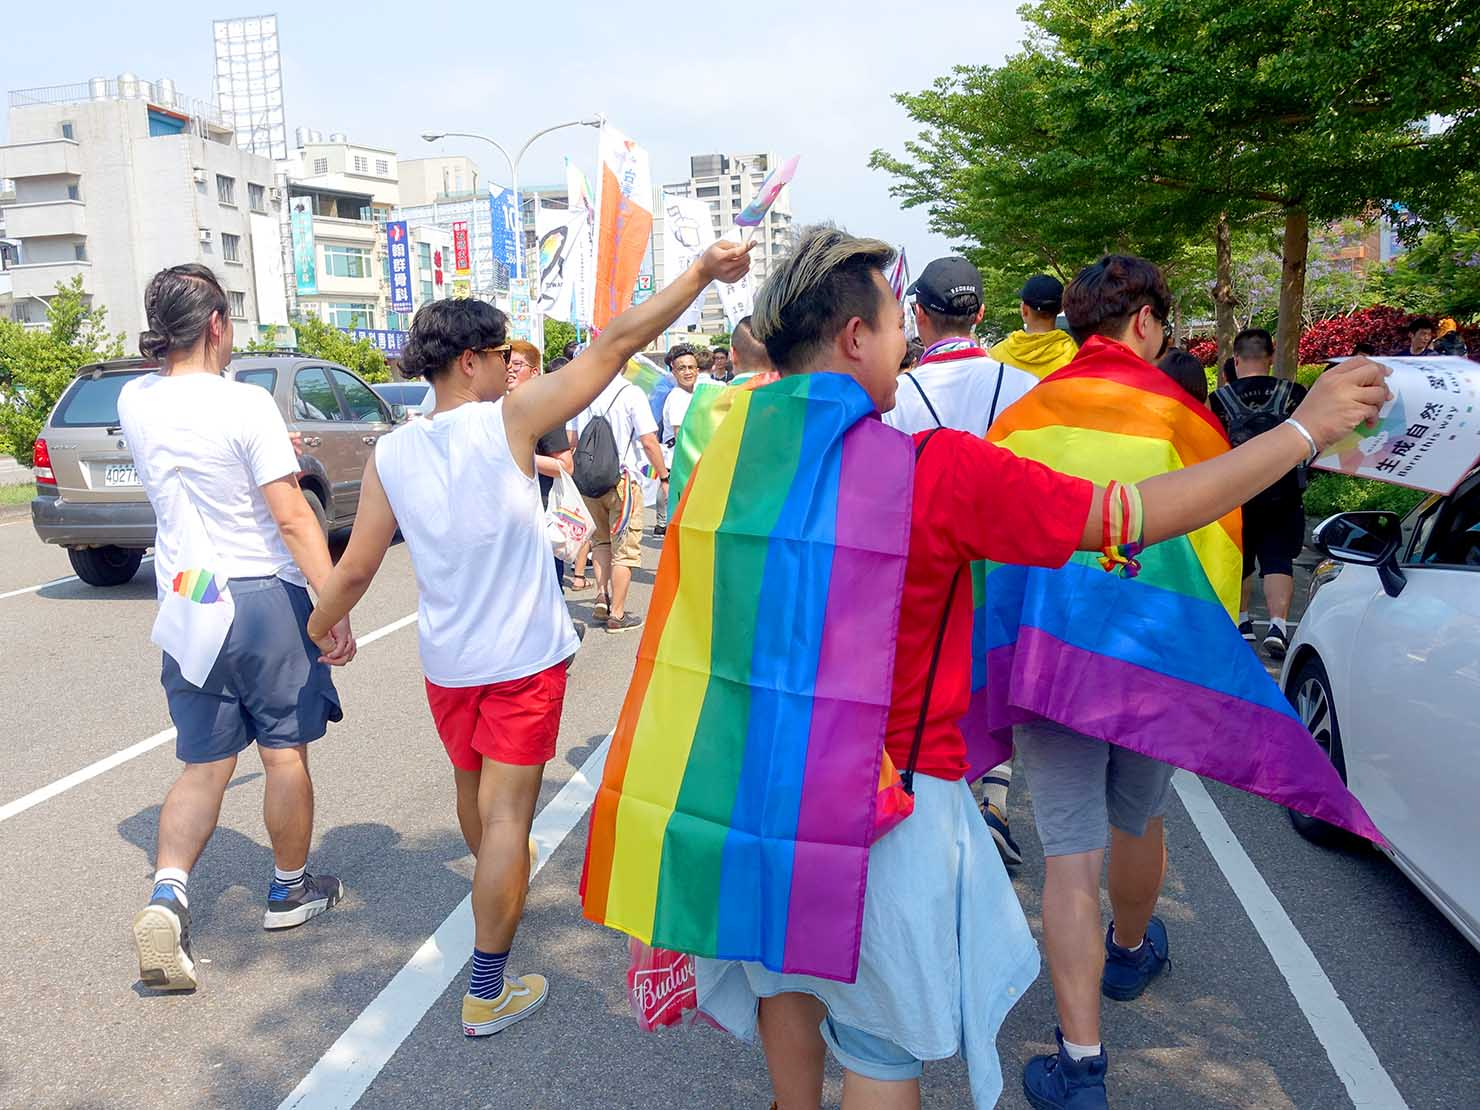 苗栗愛轉來平權遊行(苗栗LGBTプライド)2019でレインボーフラッグをまとってパレードを歩く参加者たち